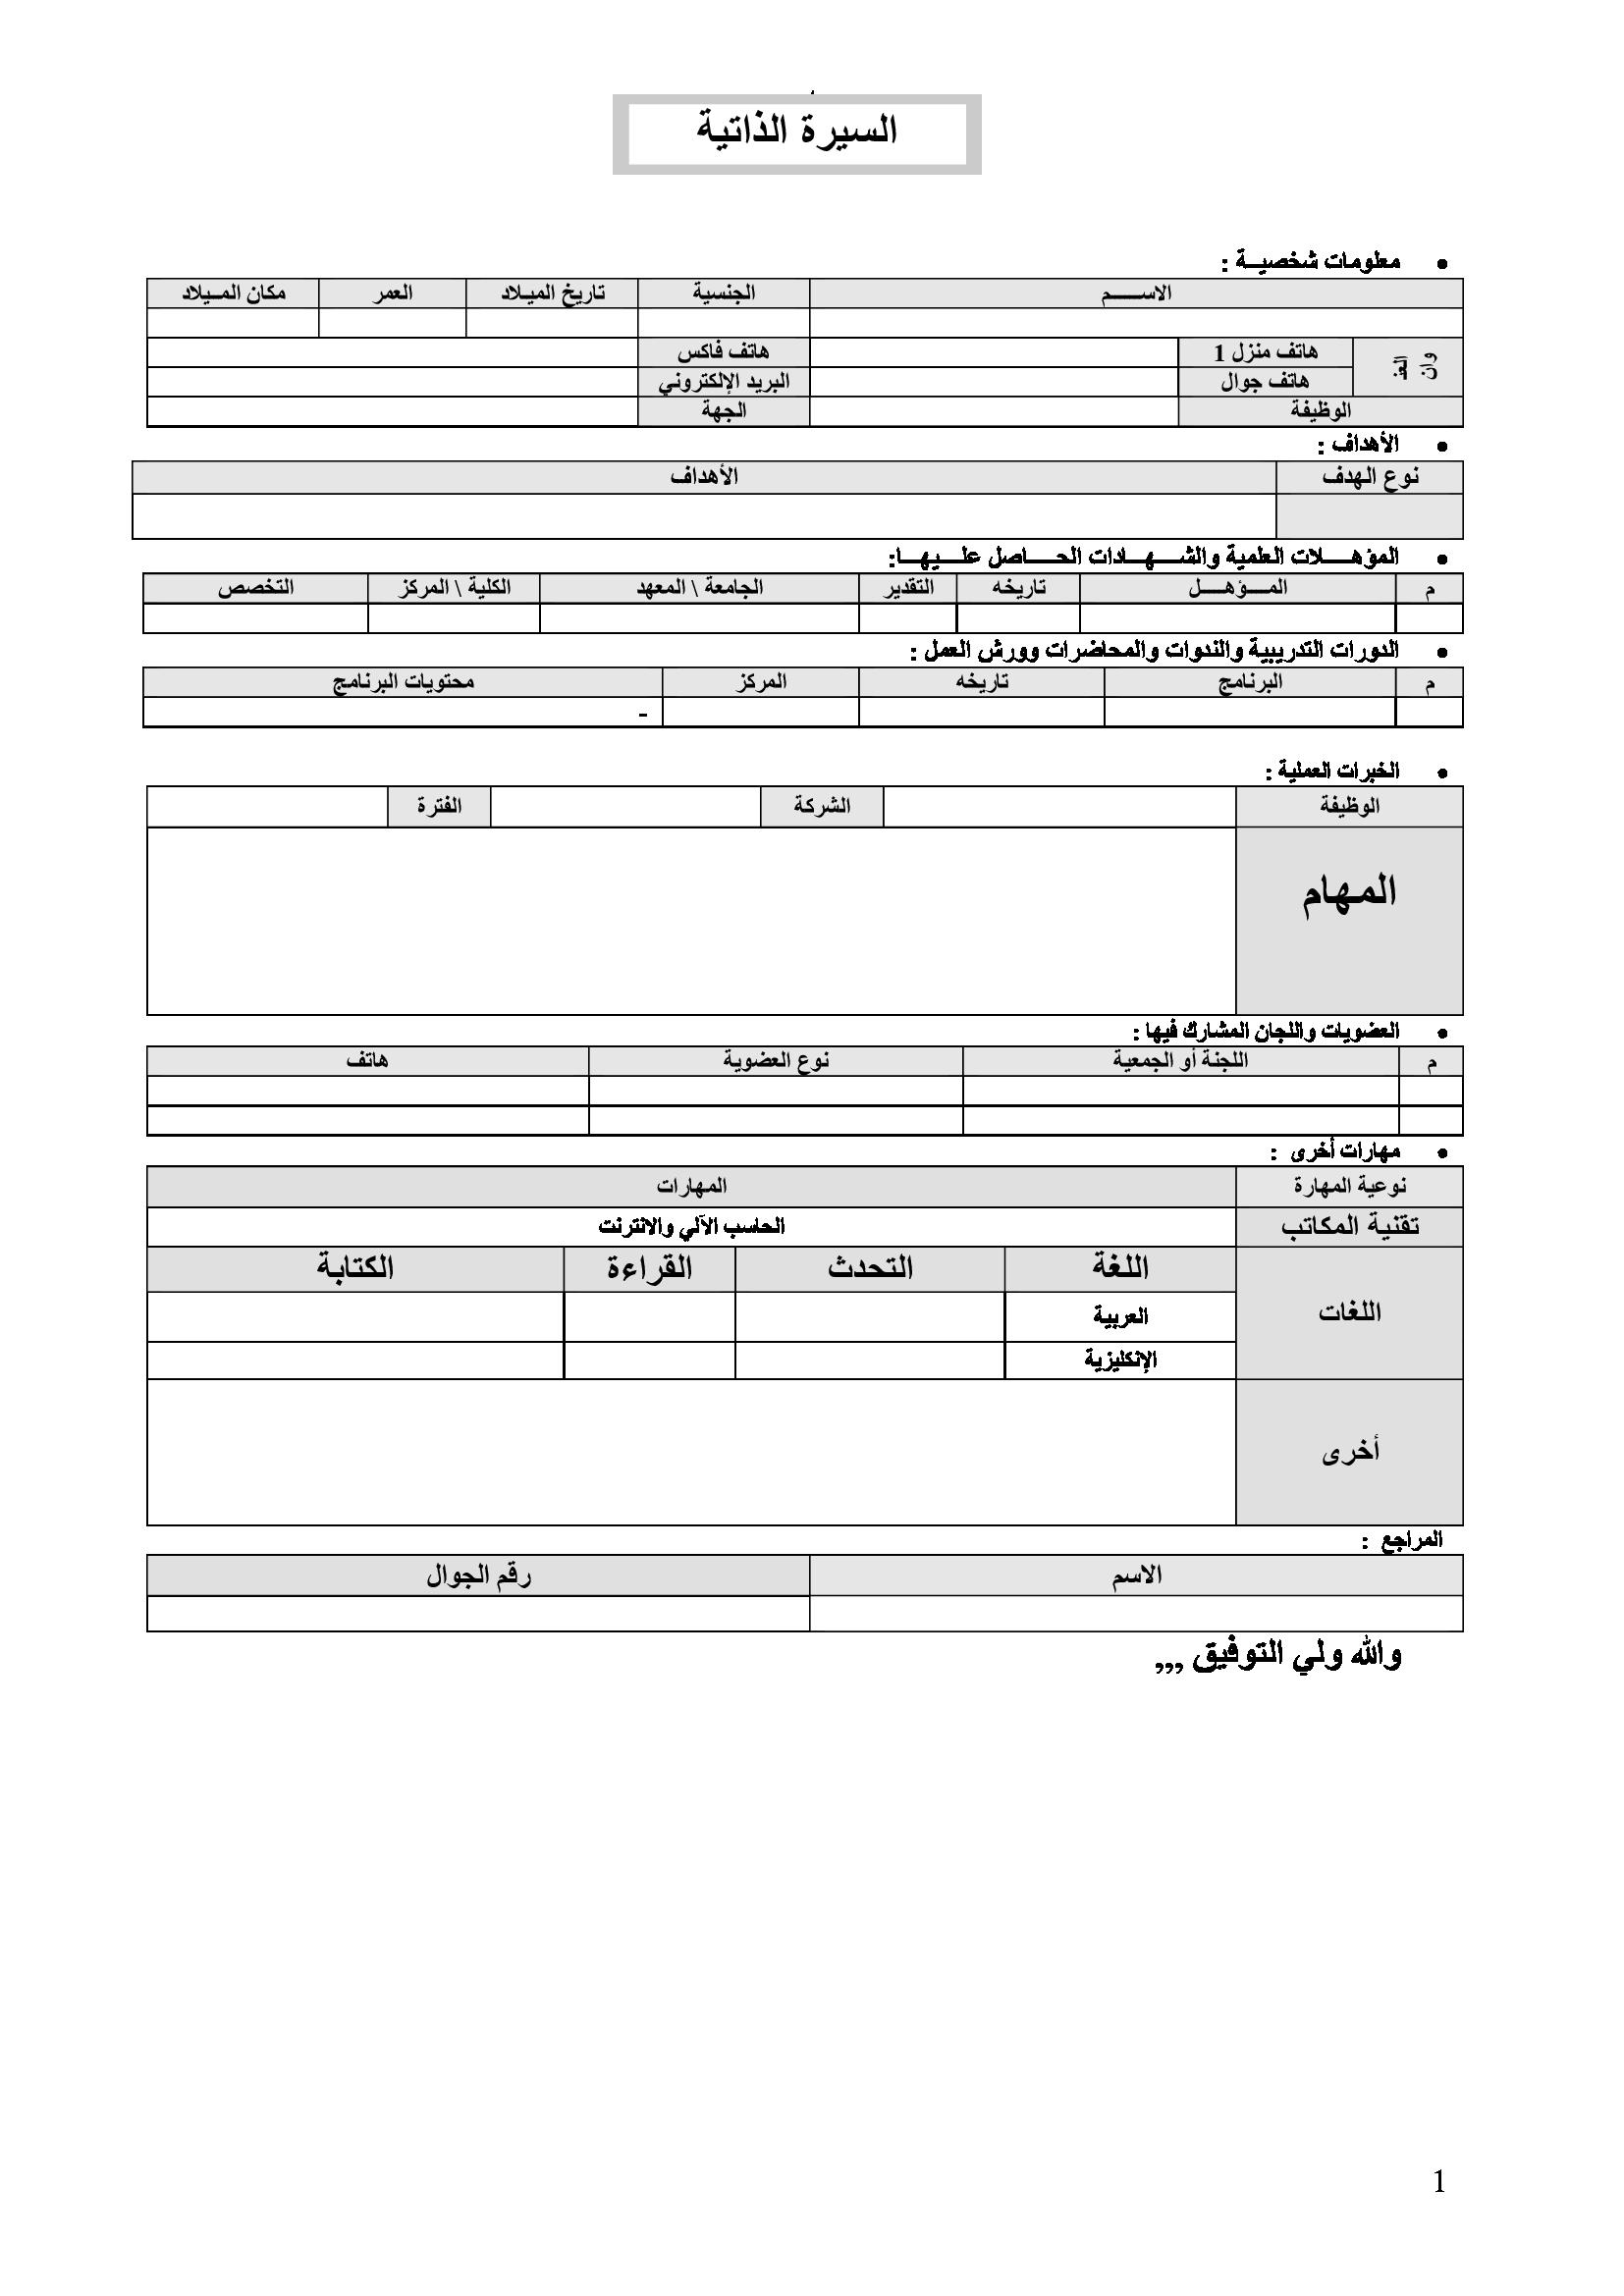 نموذج السيرة الذاتية فارغ جاهز للتعبئة باللغة العربية لتقديم طلبات التوظيف